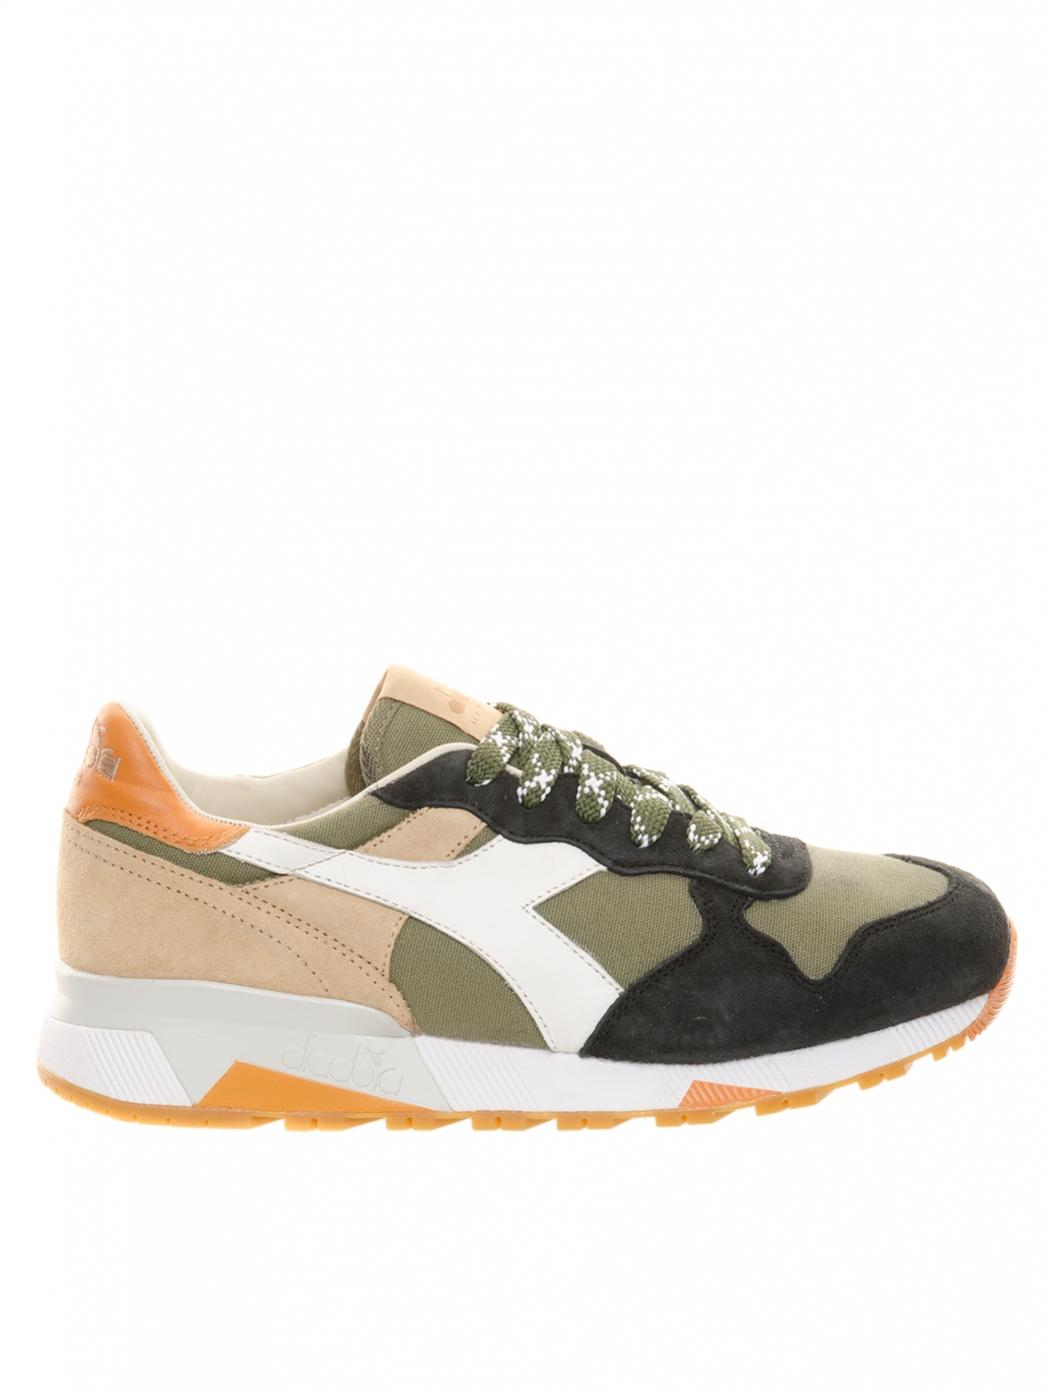 diadora sneakers - photo #3